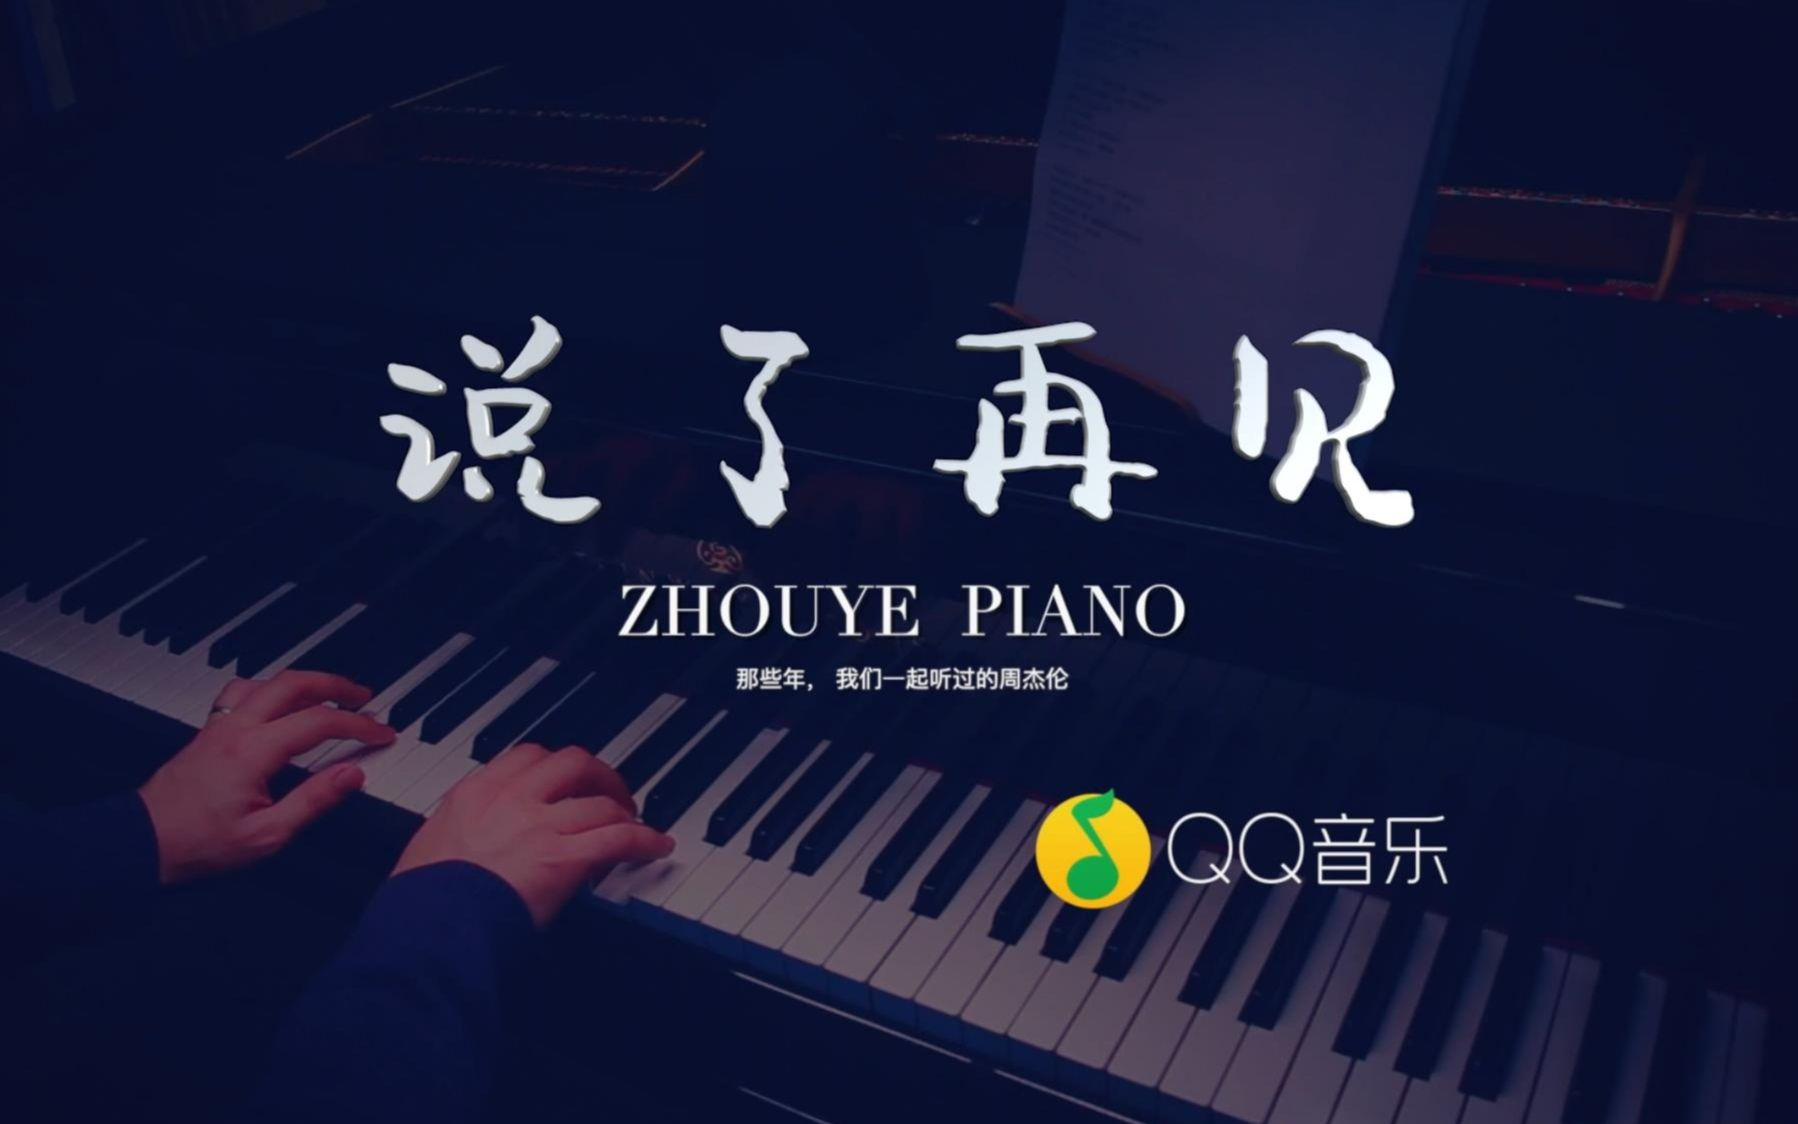 【昼夜钢琴】说了再见 | 那些年我...